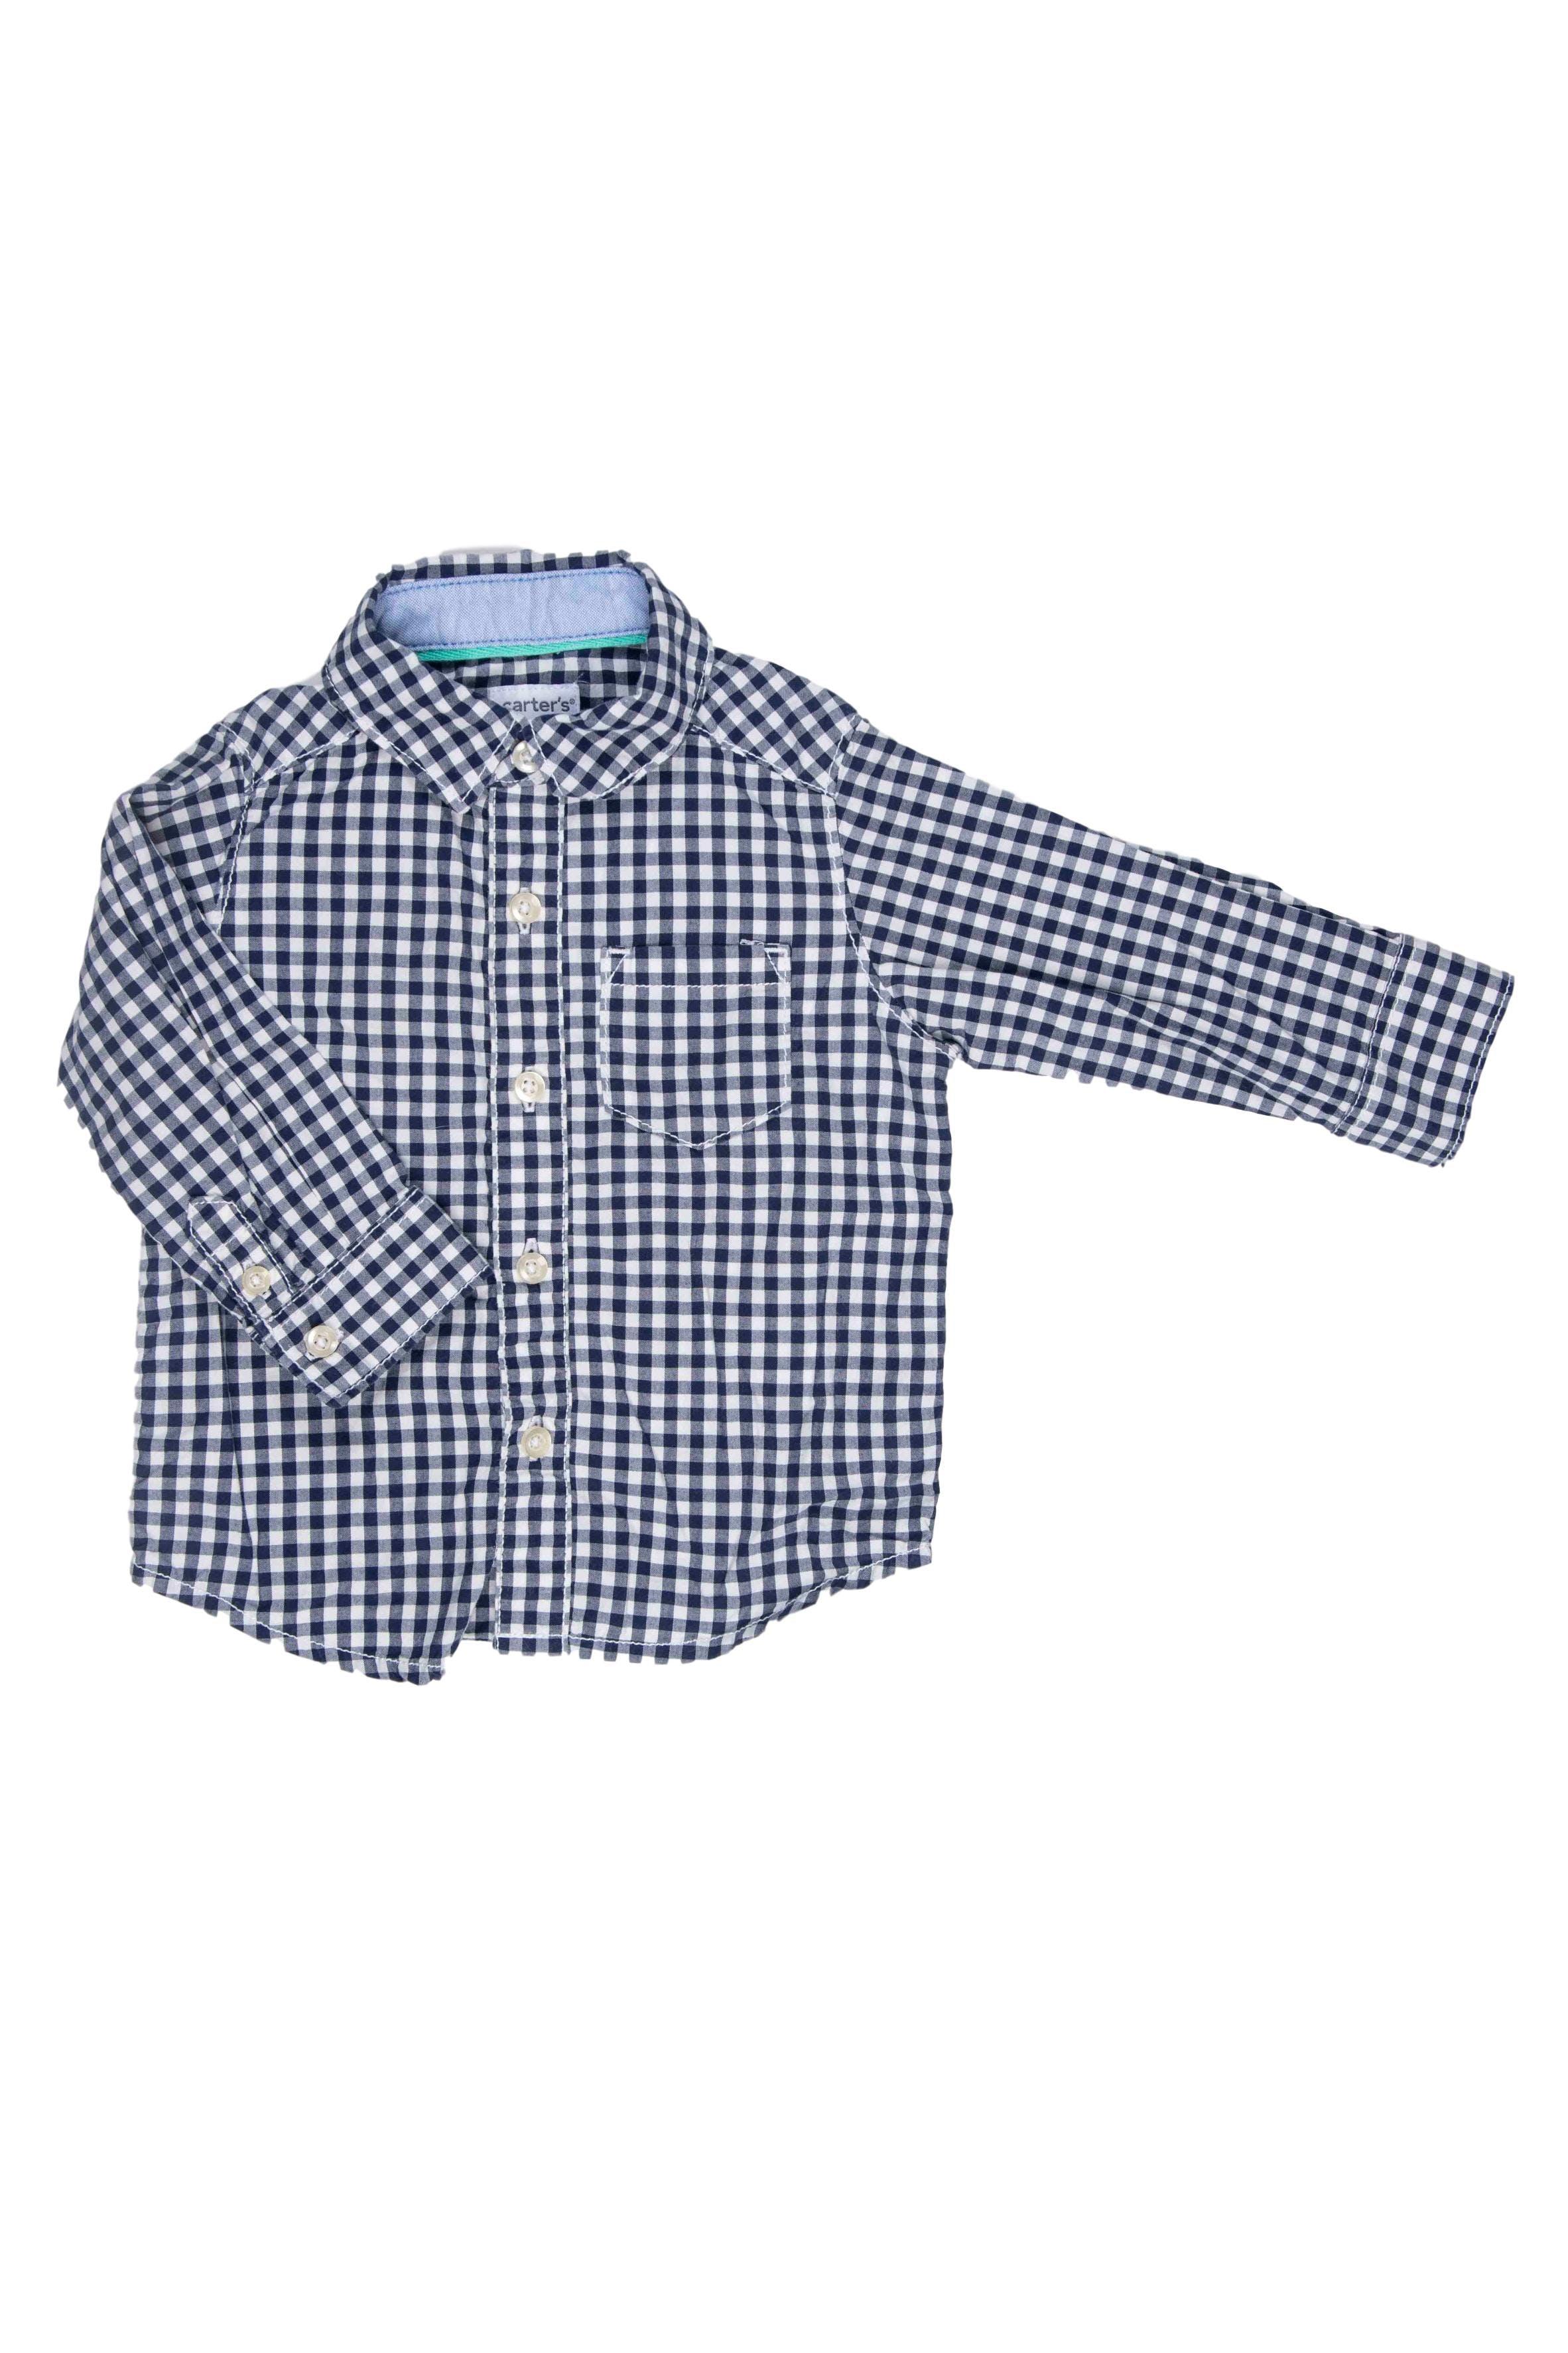 Camisa a cuadros azul y blanco, 100% algodón - Carter's